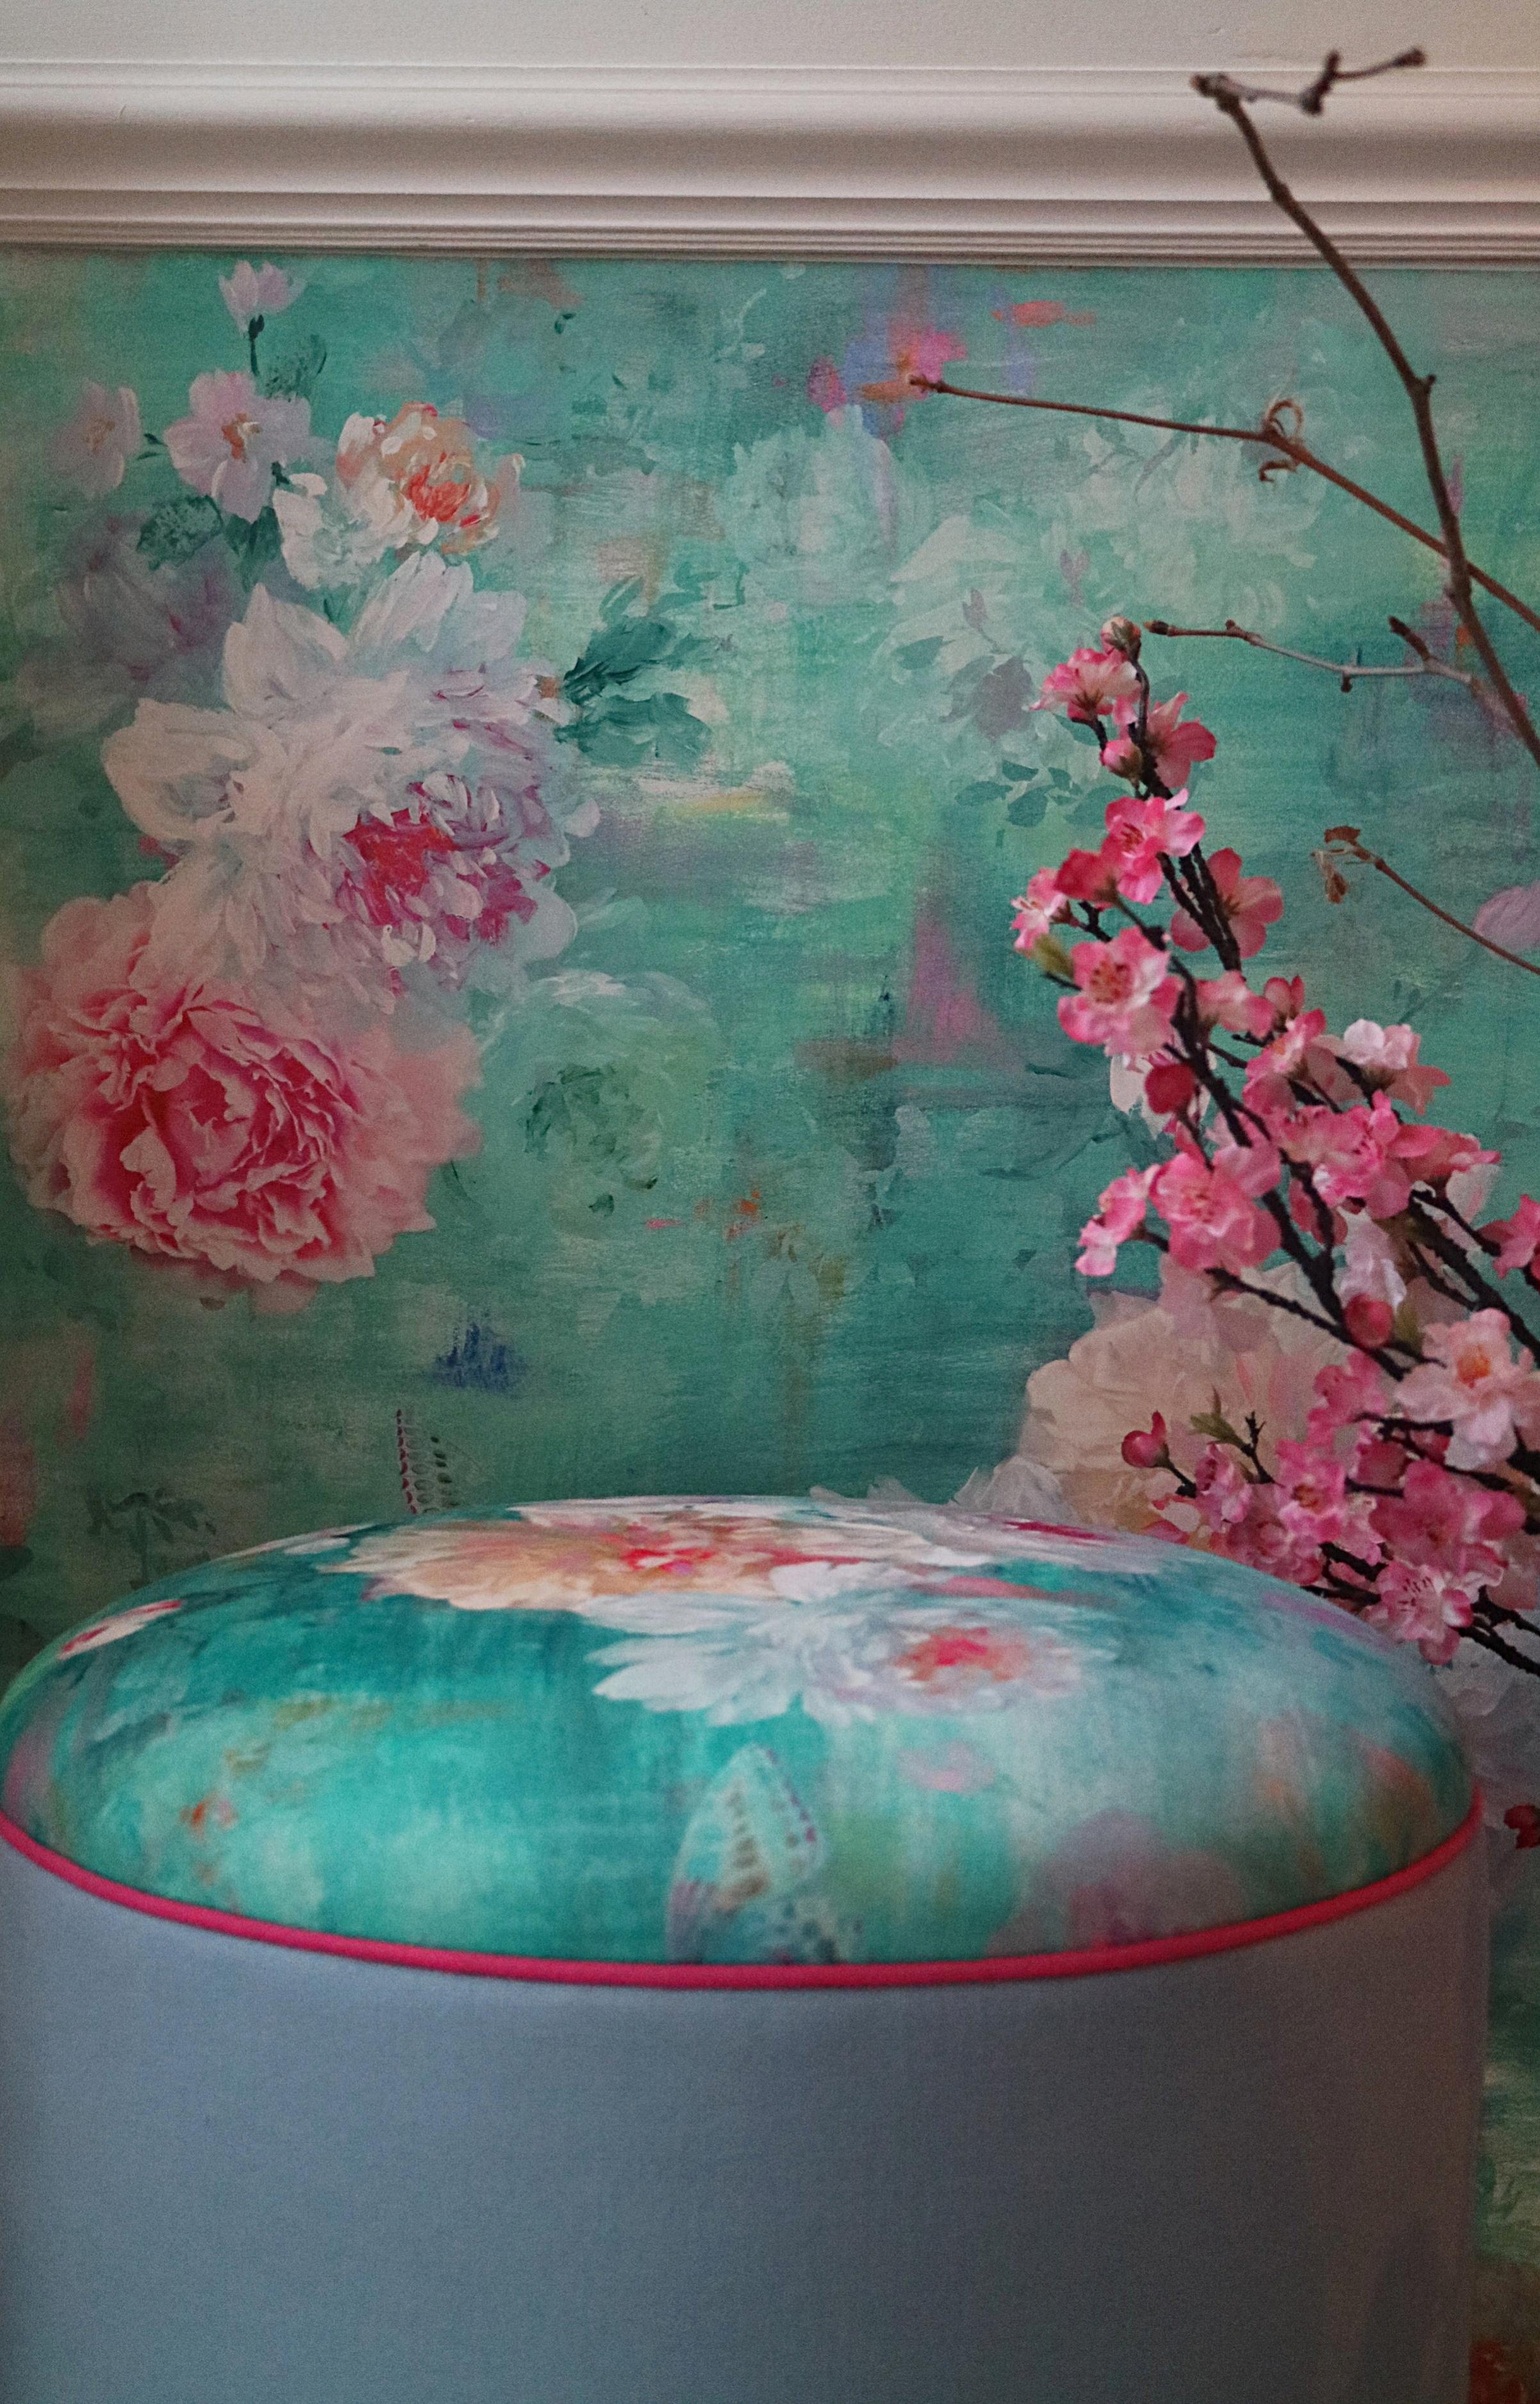 Velvet topped stool and wallpaper in 'Valerie'